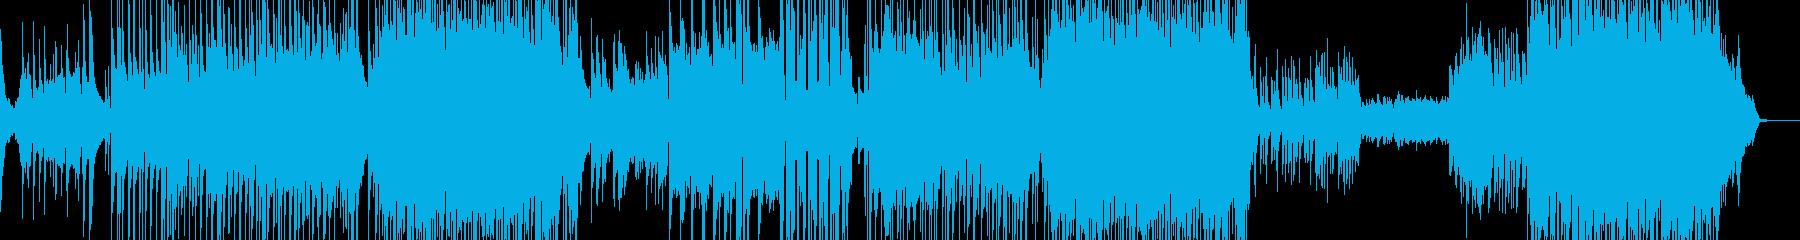 メインが劇的・90年代風バラード 長尺★の再生済みの波形